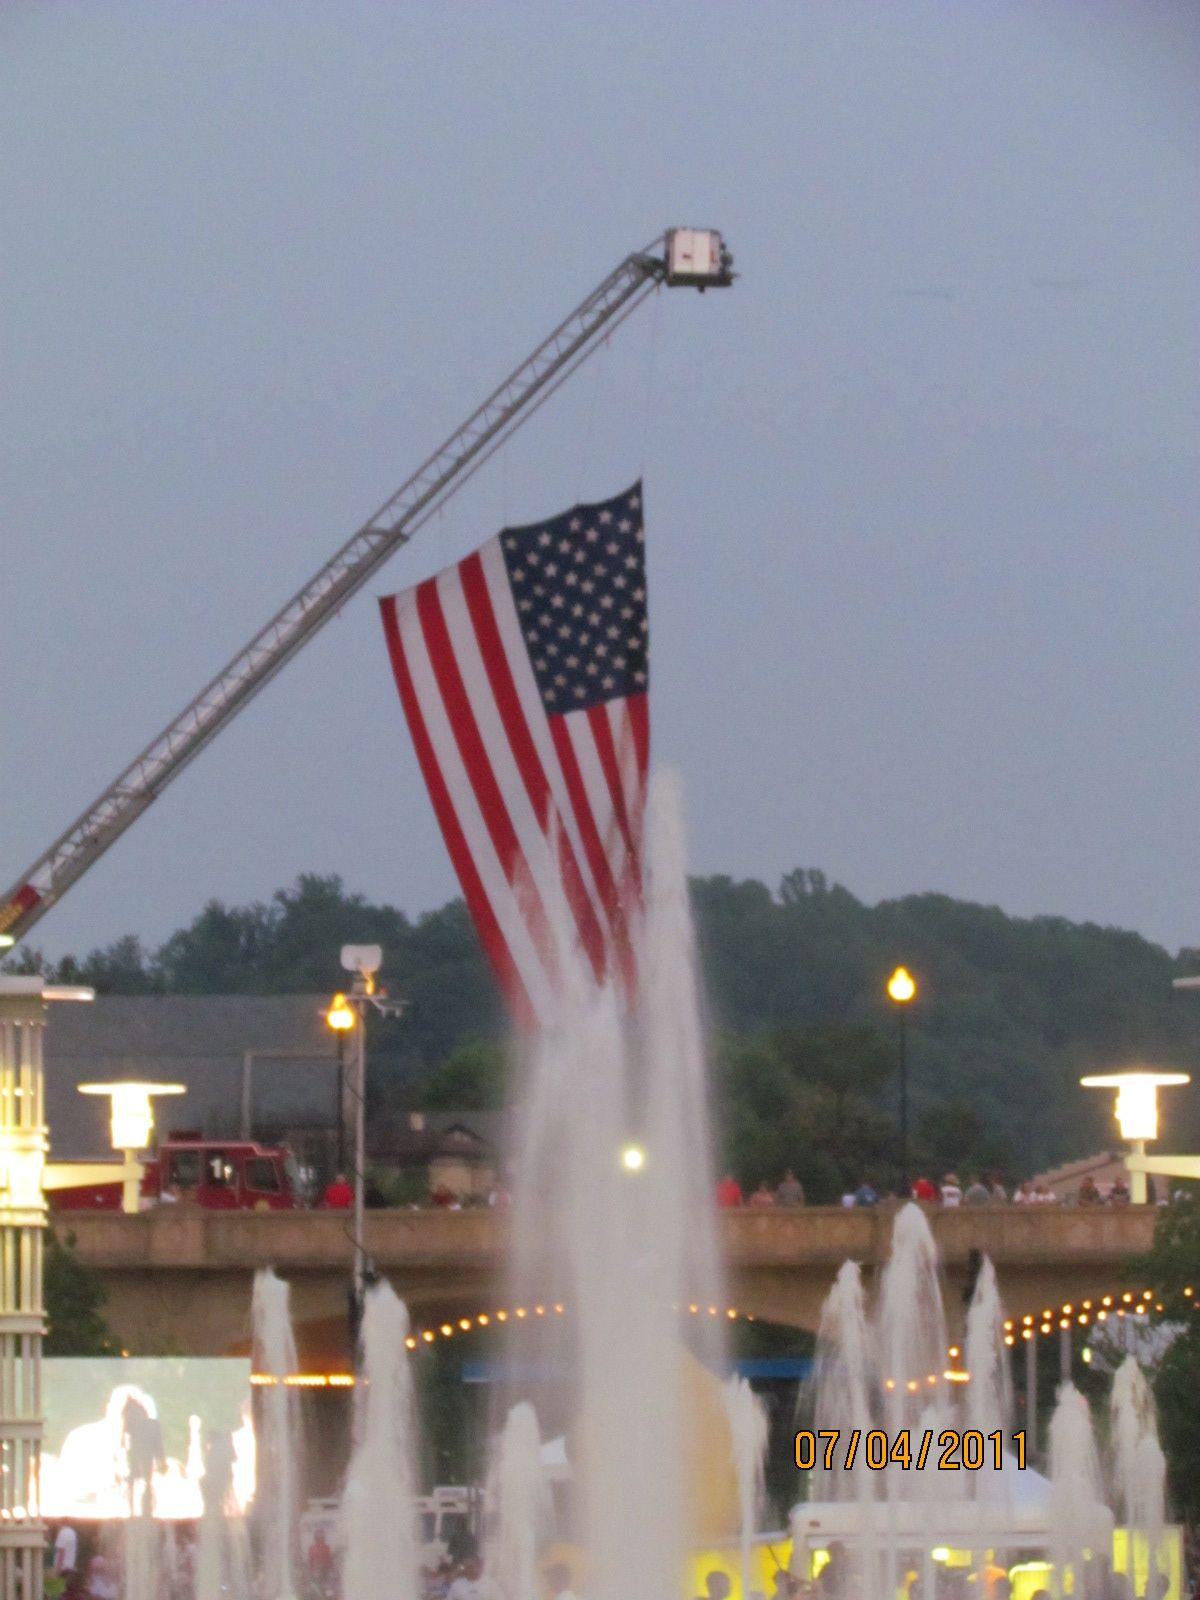 World's Fair Park, Knoxville, TN.